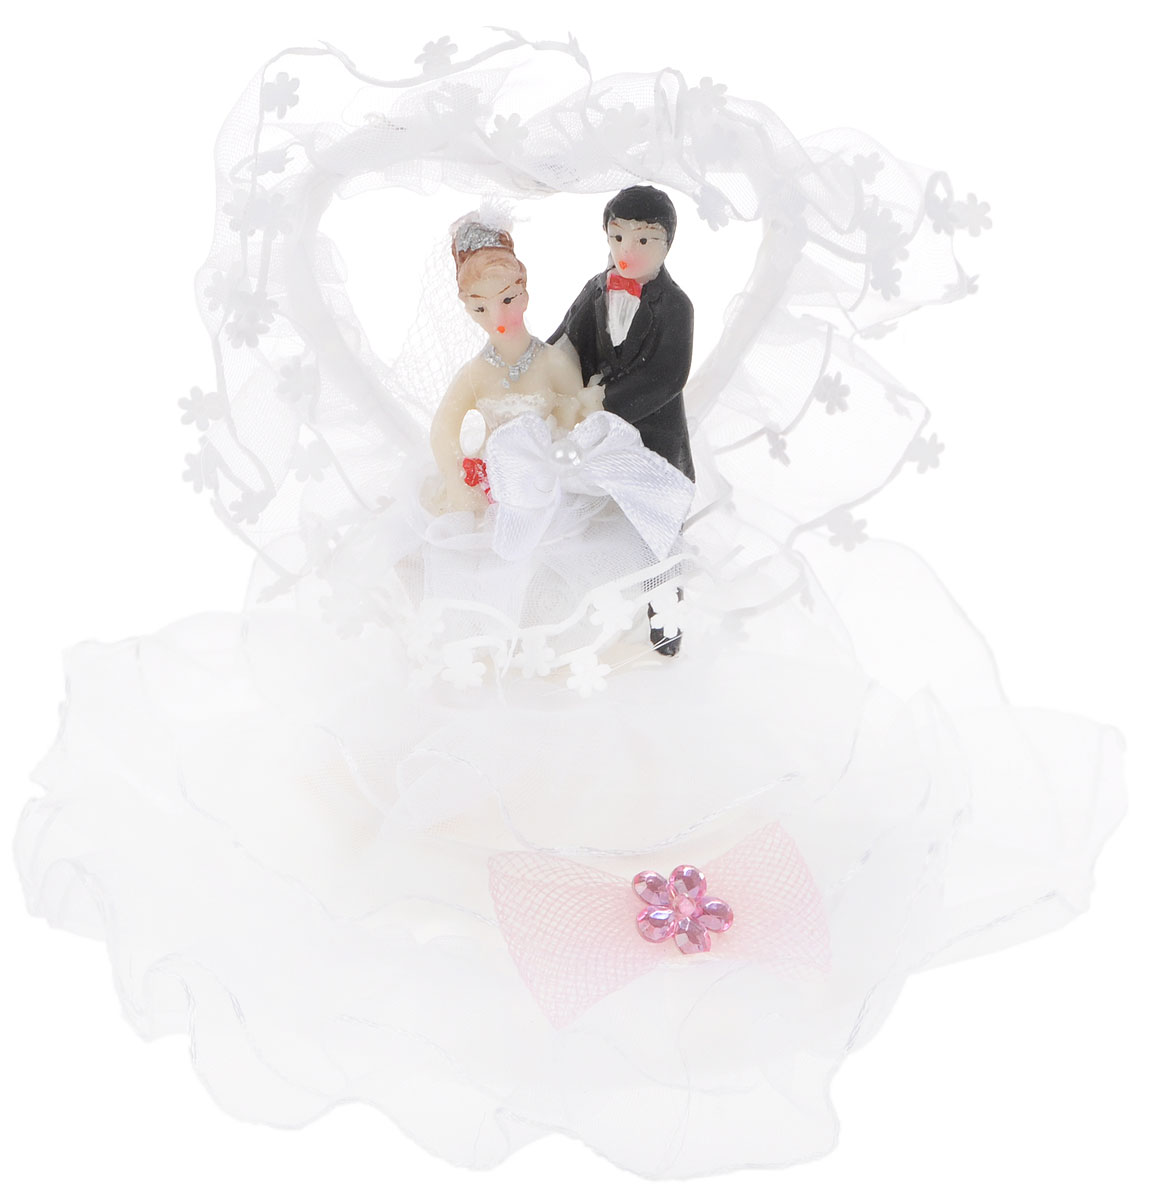 Фигурка декоративная Win Max Жених и невеста, высота 10 смNLED-454-9W-BKДекоративная фигурка Win Max Жених и невеста изготовлена из полистоуна и текстиля. Изделие представляет собой круглую подставку с фигурками жениха и невесты, украшенных тесьмой и стразами. Такая фигурка идеально впишется в свадебный интерьер и будет радовать вас своим видом в самый важный день в вашей жизни.Высота фигурки: 10 см.